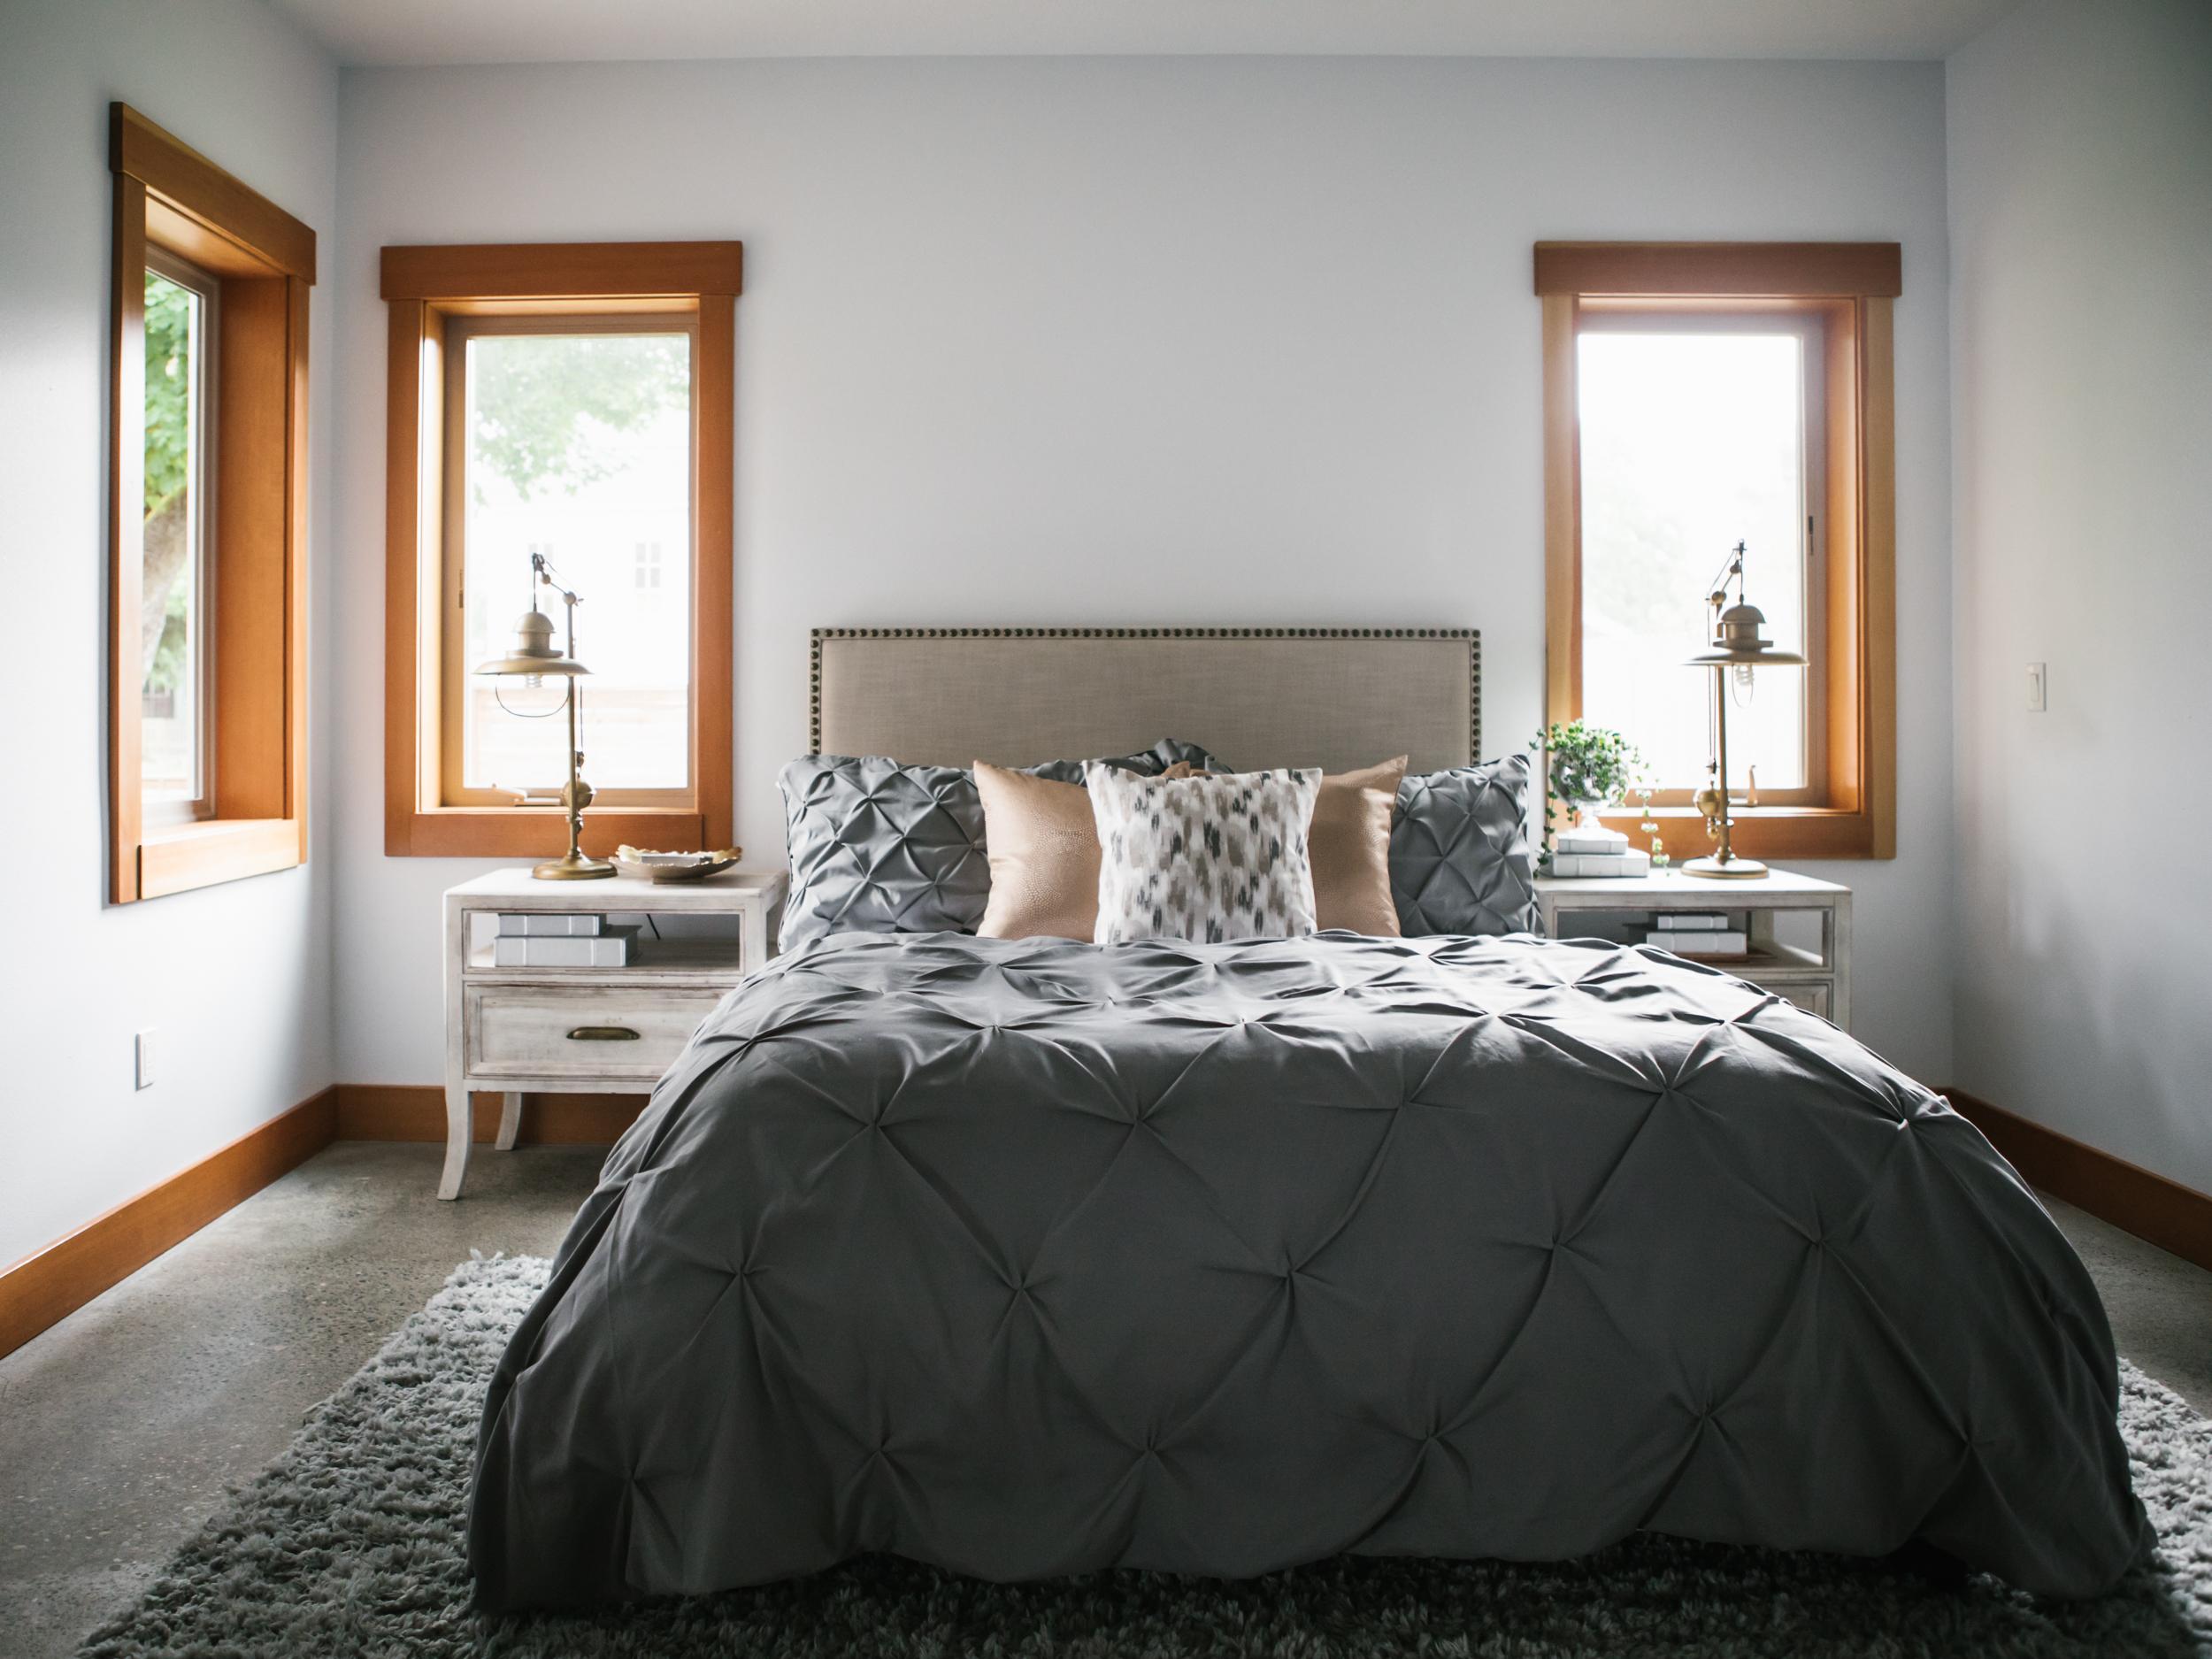 Portland-home-interior-12.jpg